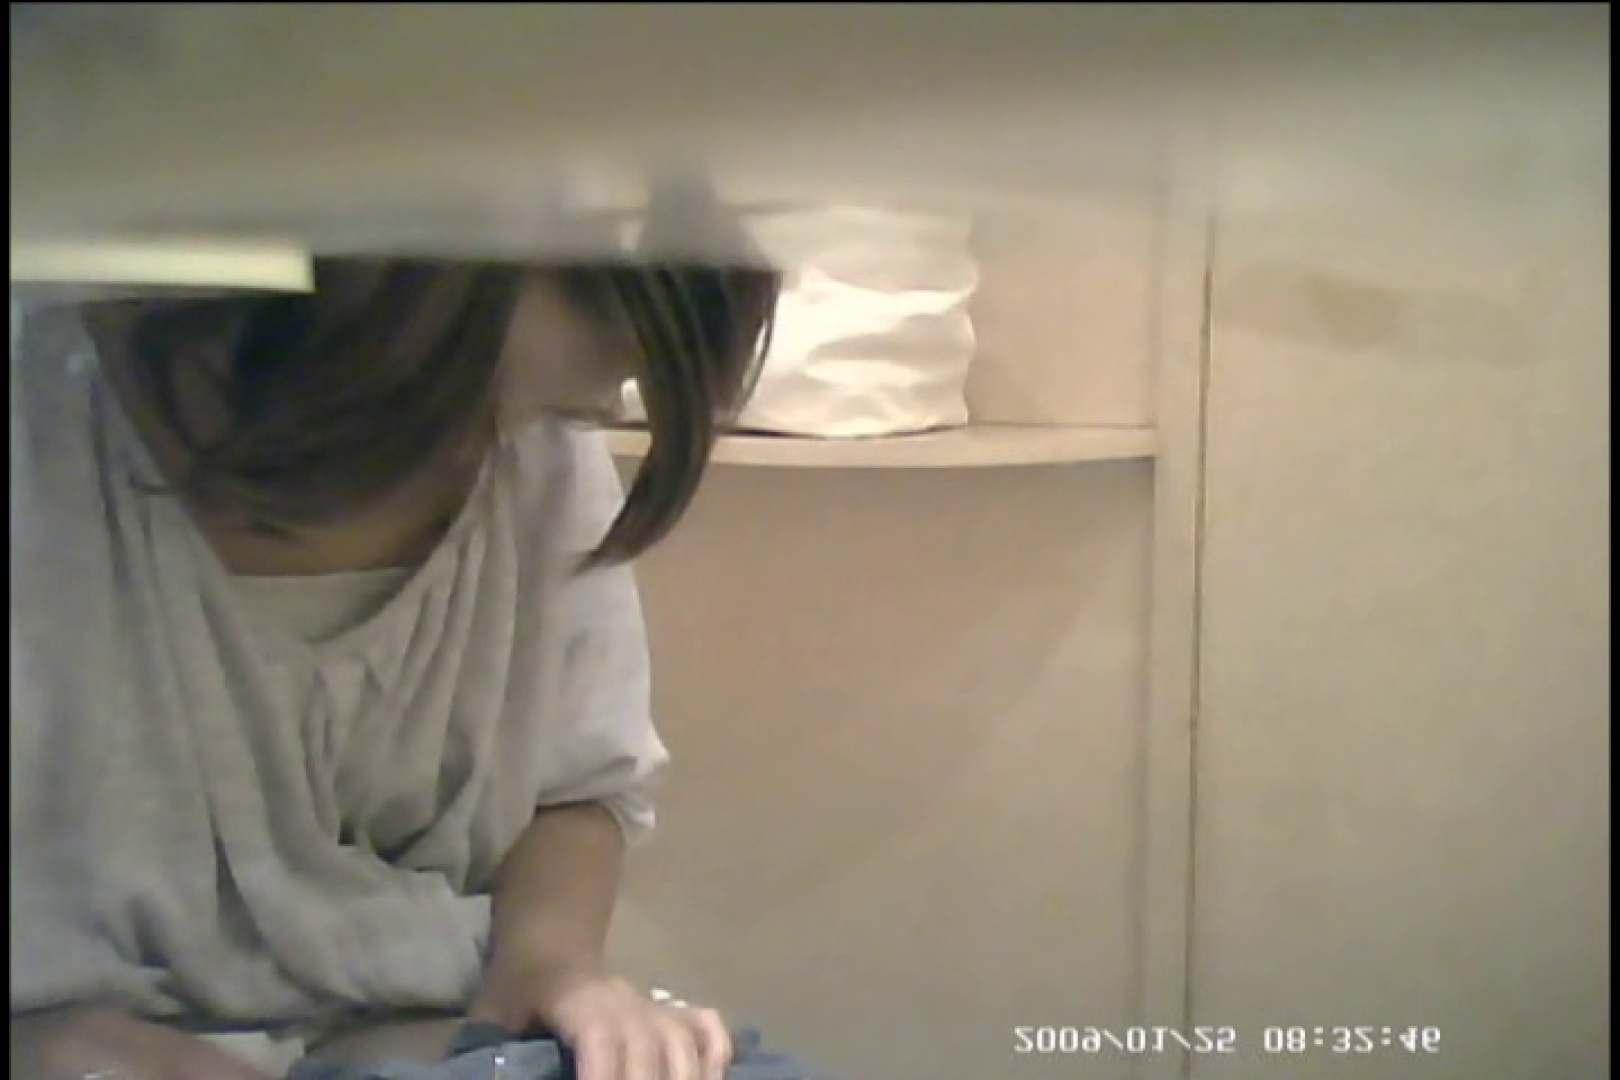 画質向上!新亀さん厠 vol.48 黄金水 AV無料動画キャプチャ 56PICs 35